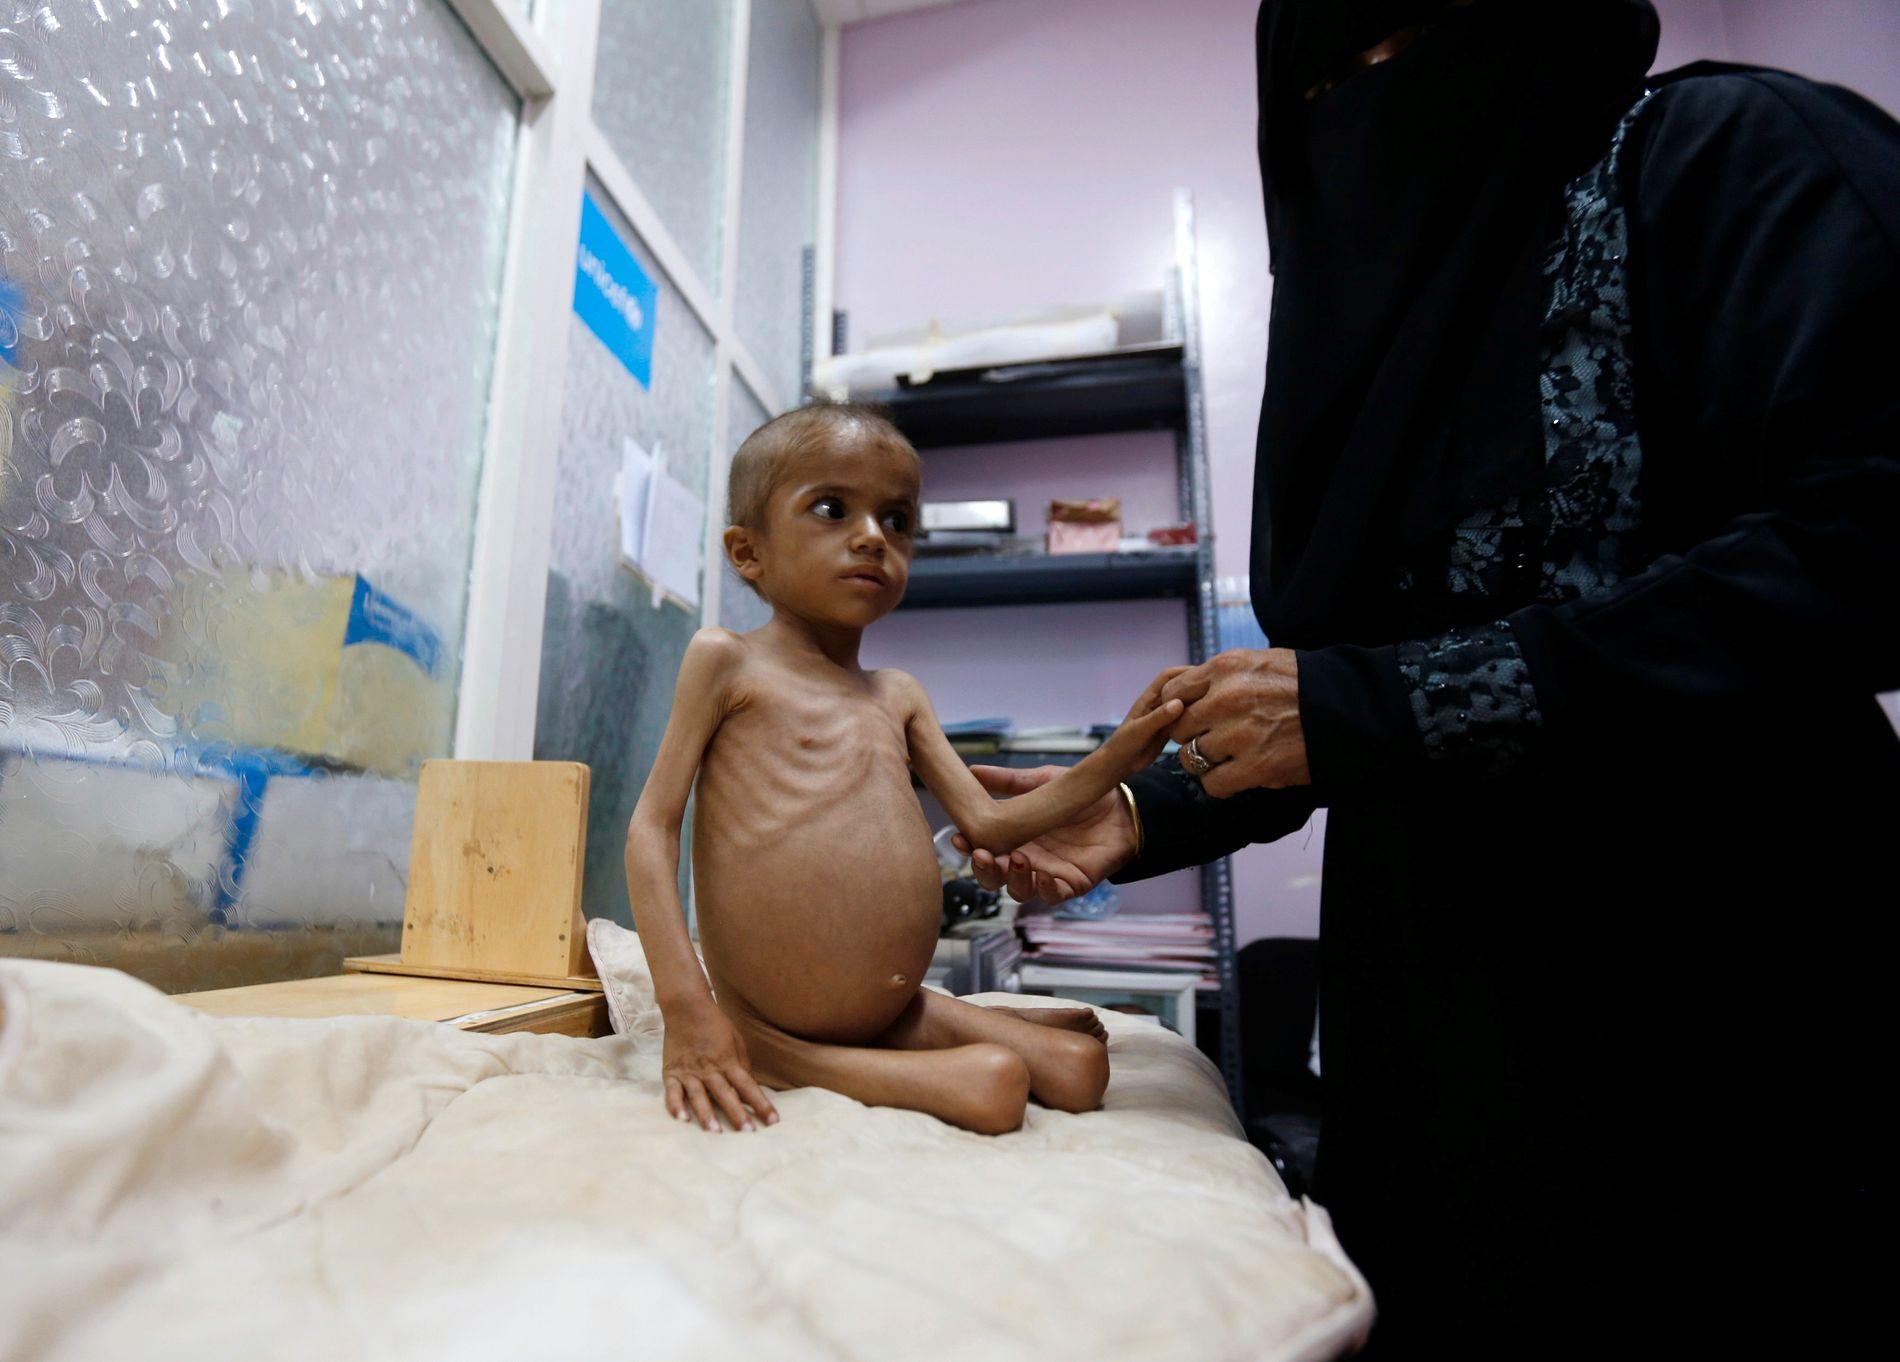 JEMEN: Matmangel tek liv i Jemen, etter tre år med krig og isolasjon. Verdssamfunnet bør leggje press på partane for å få slutt på borgarkrigen, skriv BT på leiarplass.